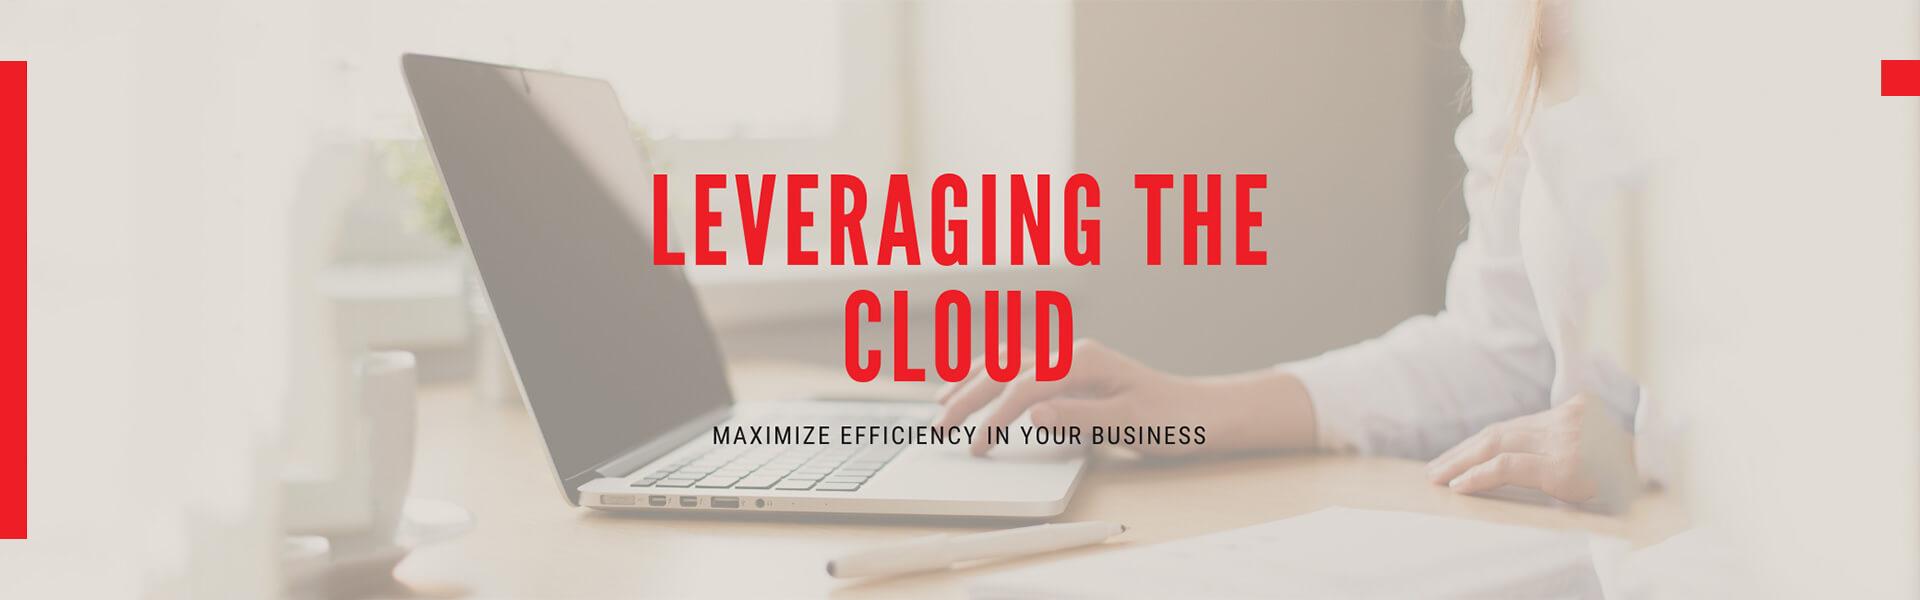 leveraging-slide4